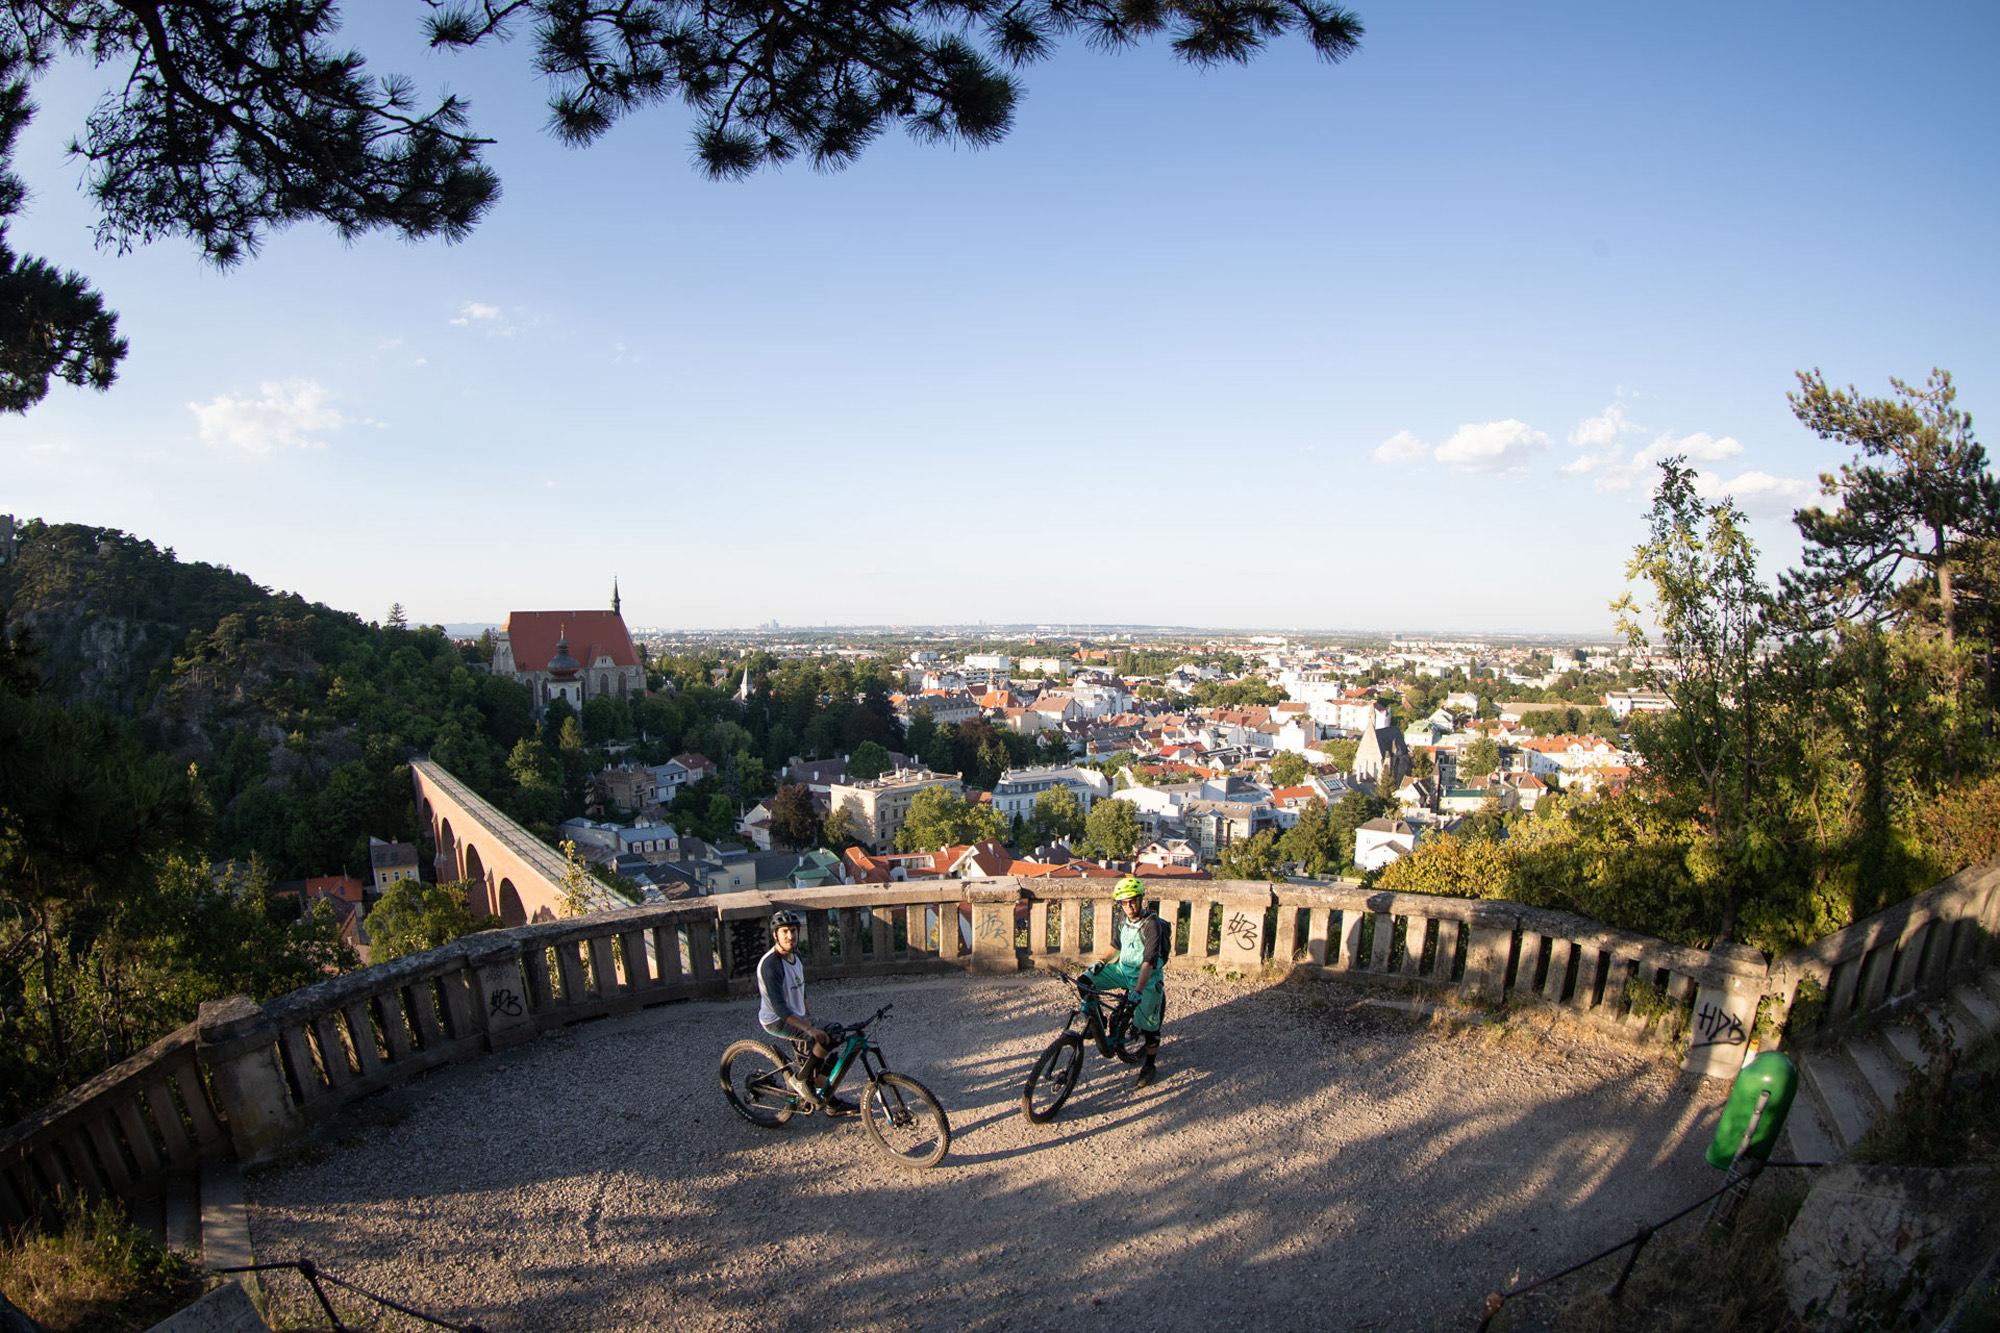 Dominik und Alban sitzen auf ihrem Bike und man sieht die Dächer Wiens im Hintergrund